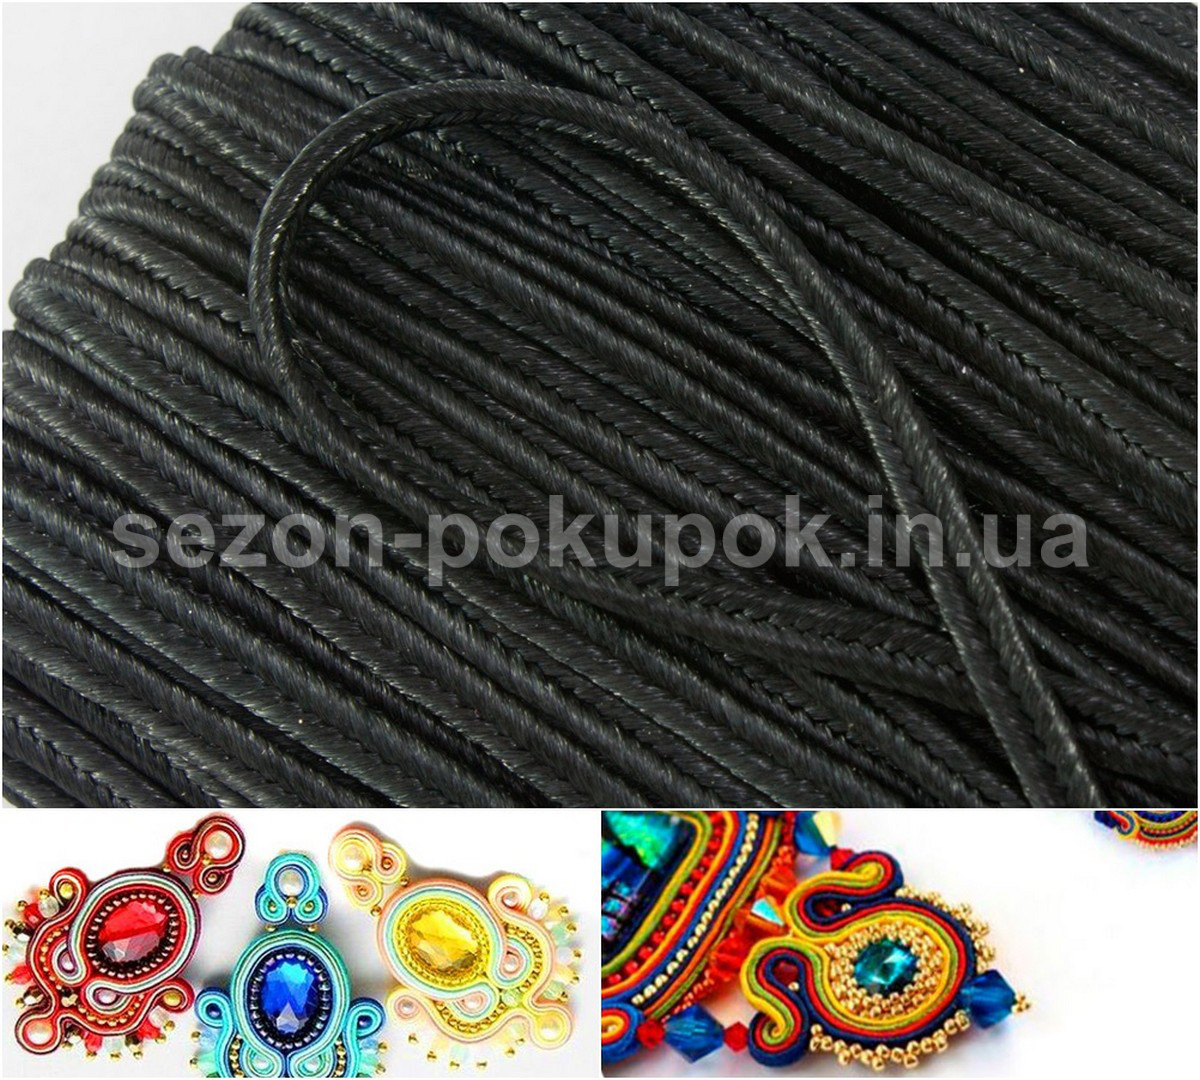 (38-40 метров) Сутажный шнур, сутаж  (ширина 3мм) Цена указана за упаковку Цвет - Черный